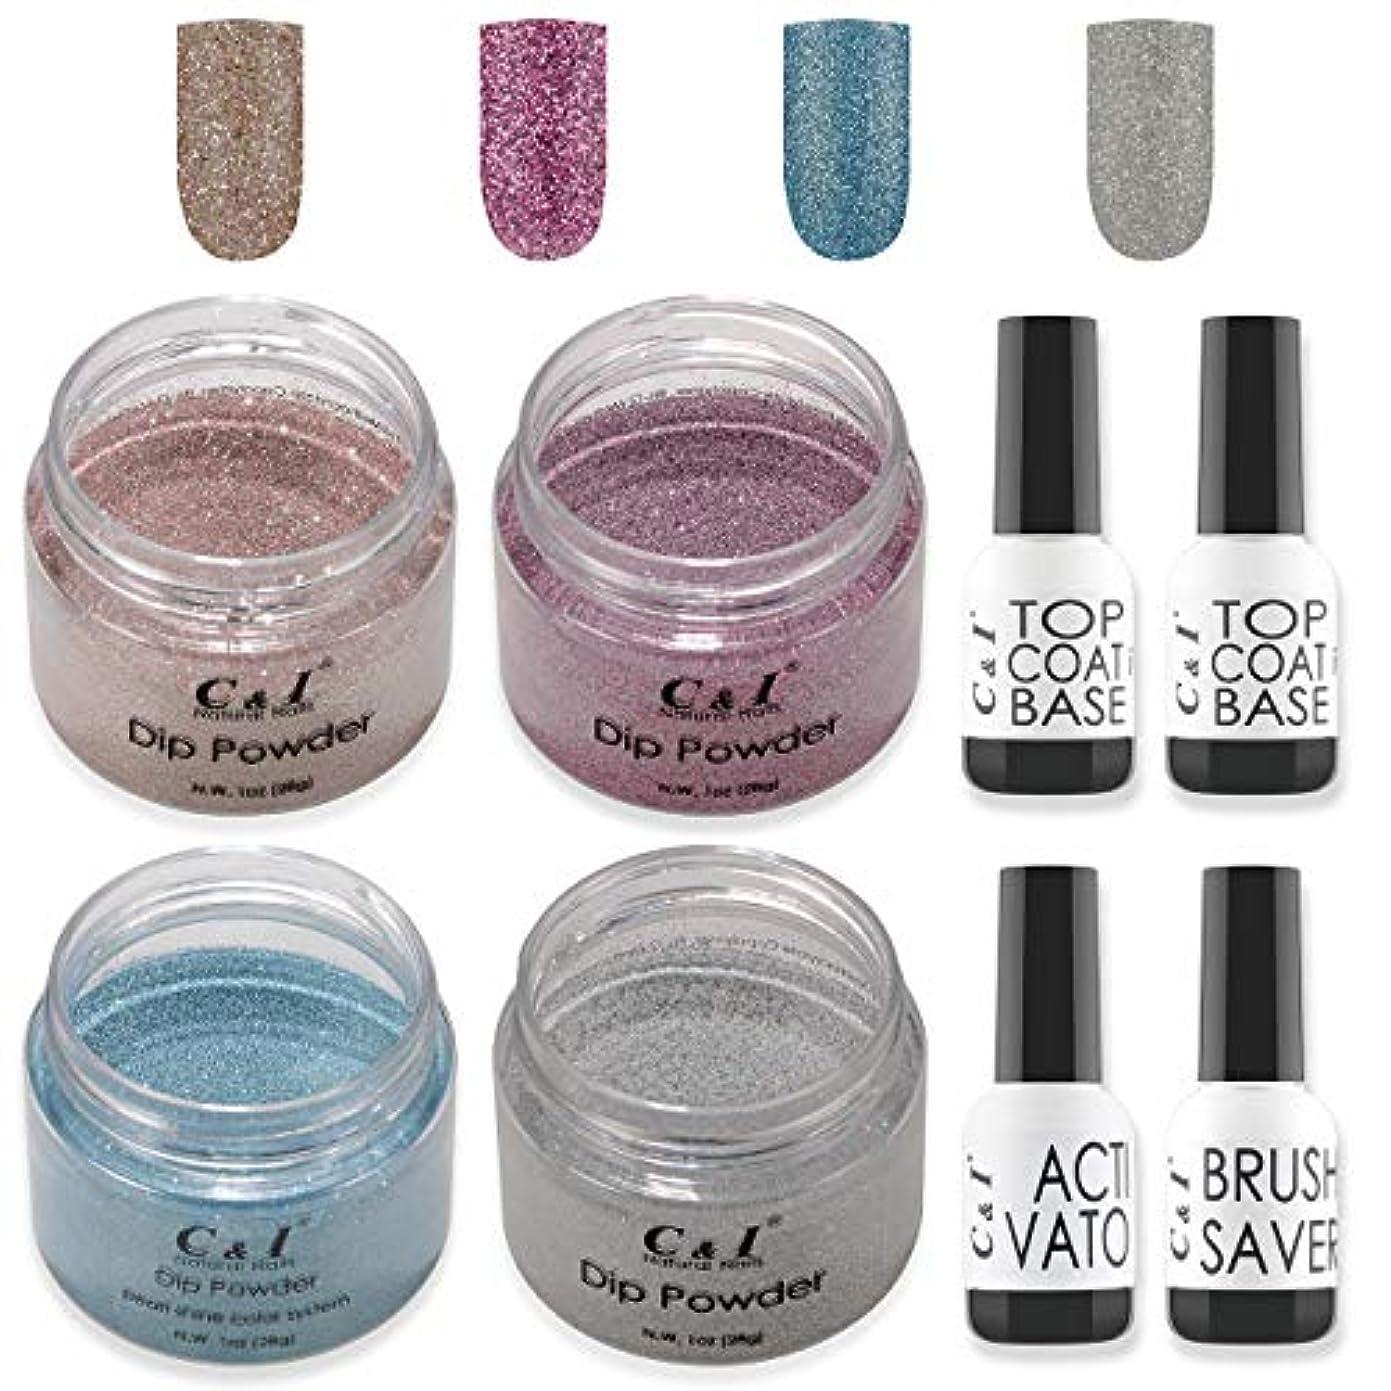 ペネロペラッドヤードキップリング忠誠C&I Dip Powder Nail Colors & Liquids Set, 4 colors and 4 liquids, glittering nail powder, N.W. 28 g * 4 pcs &...